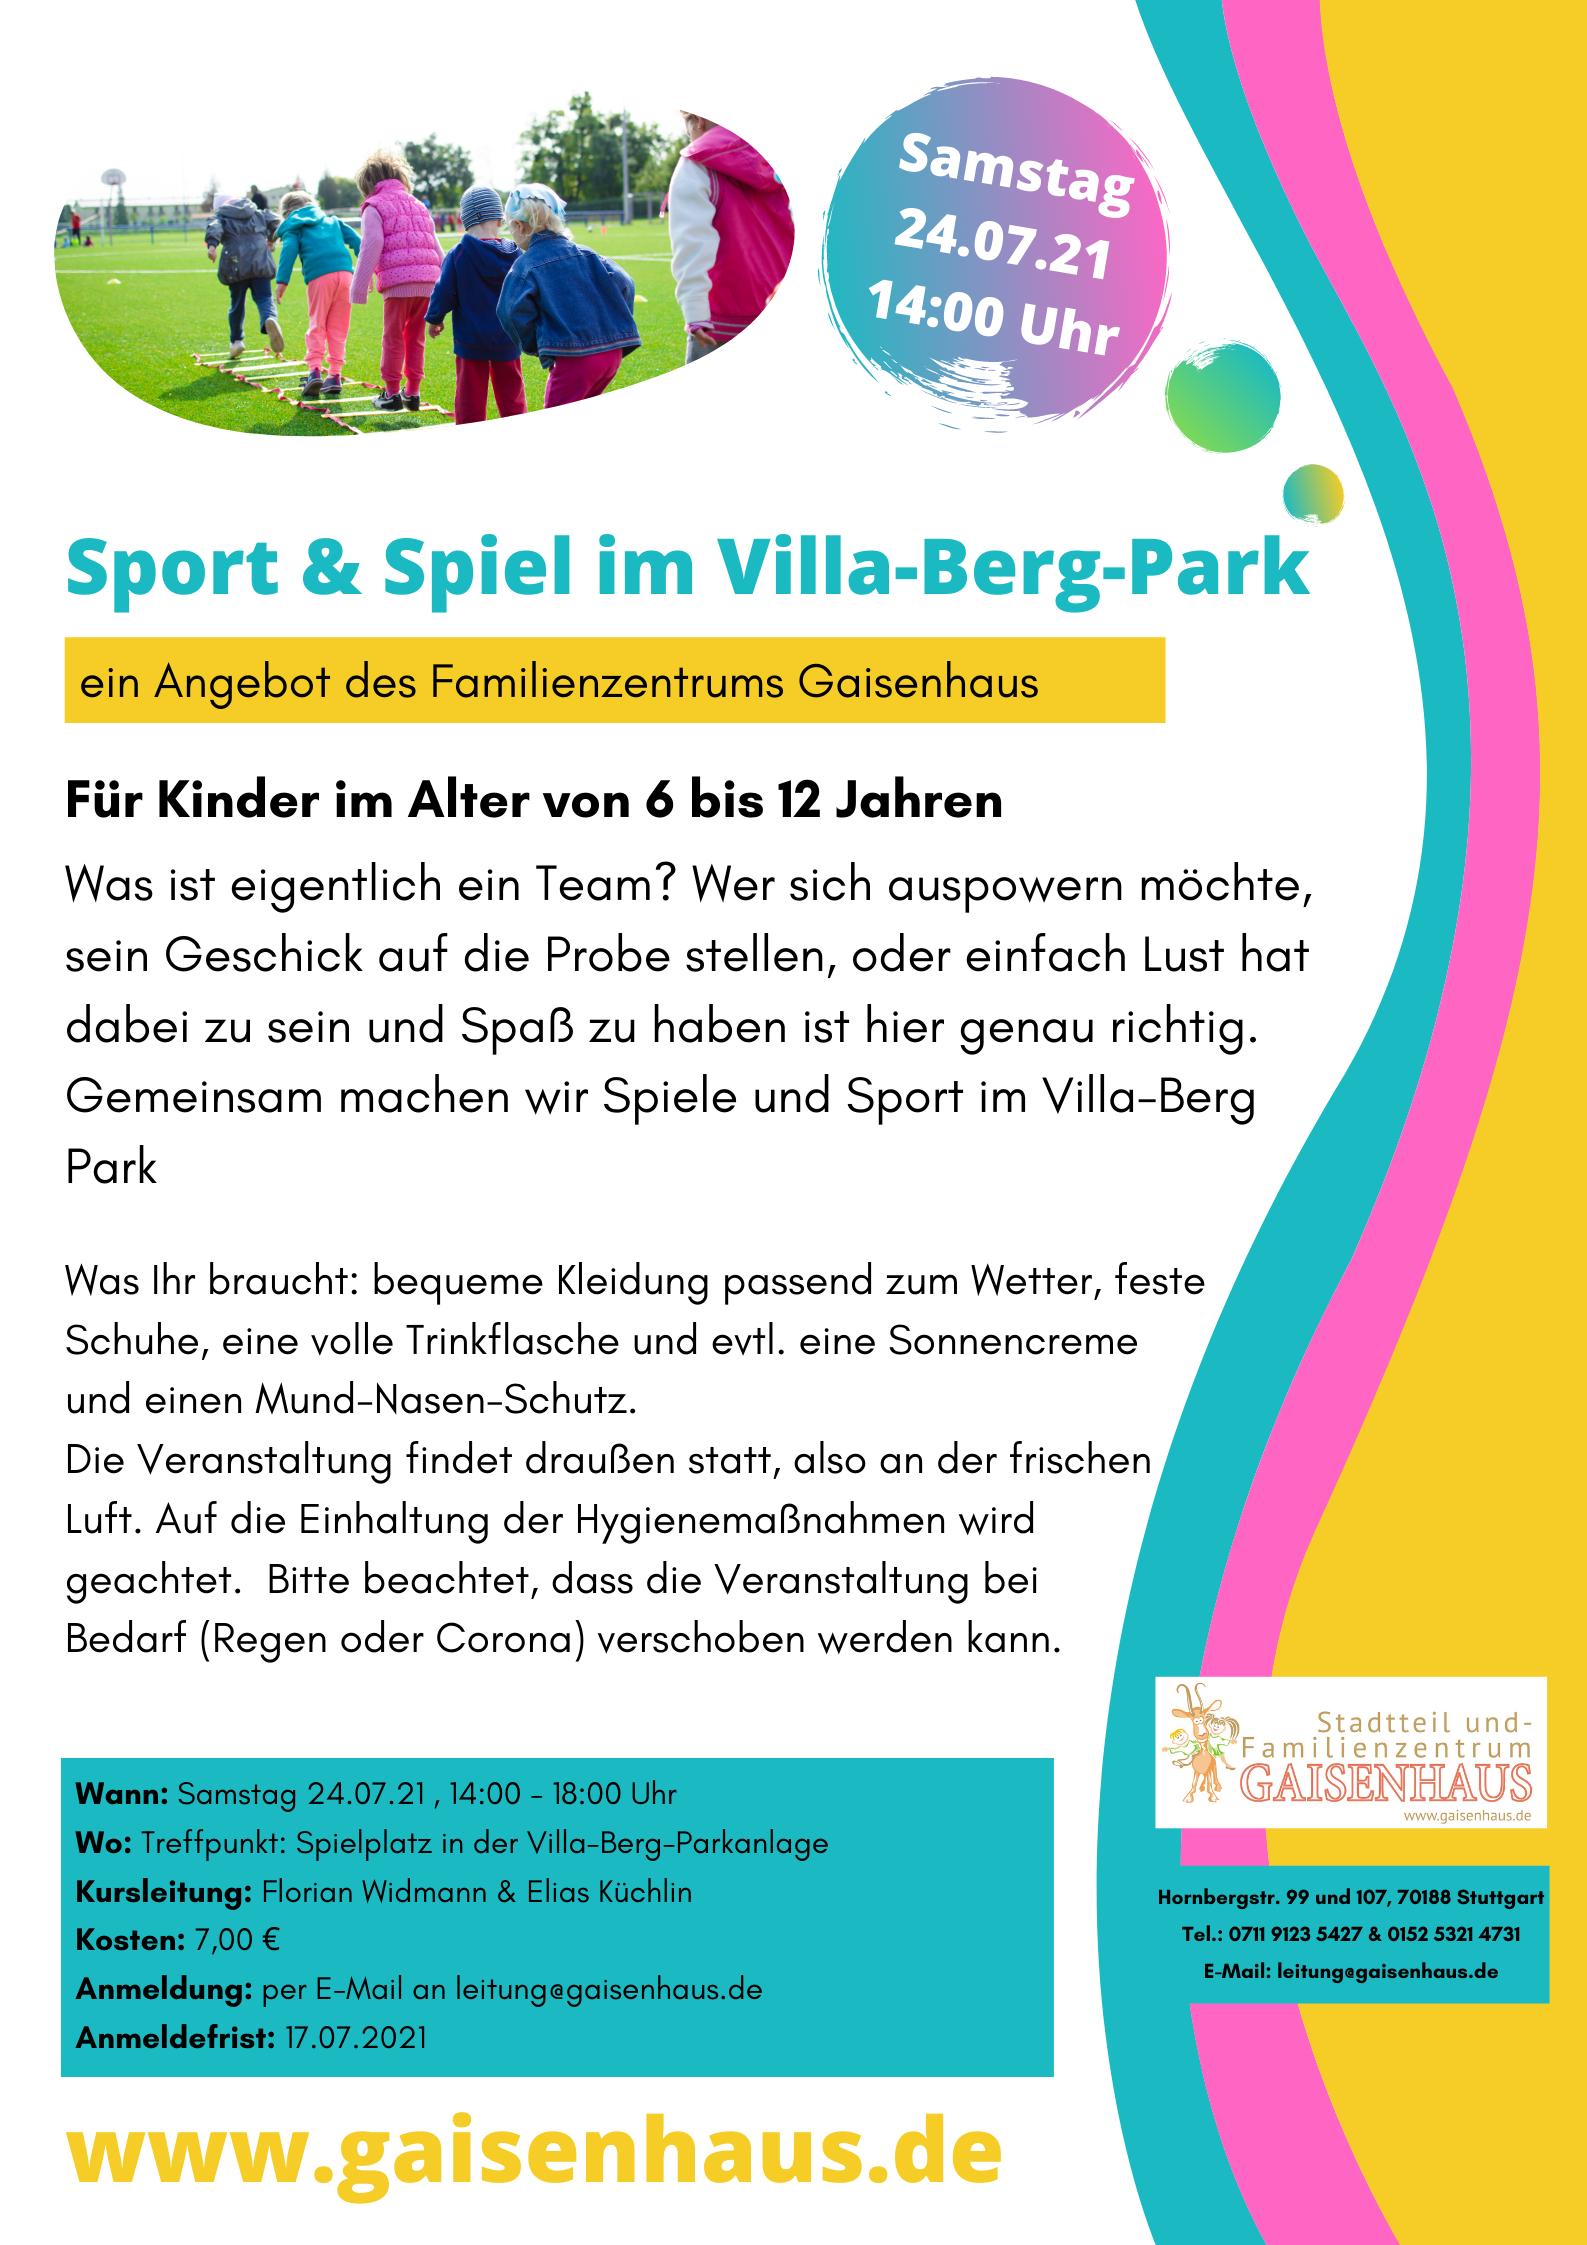 Sport u. Spiele im Park 24.7.21 Gaisenhaus